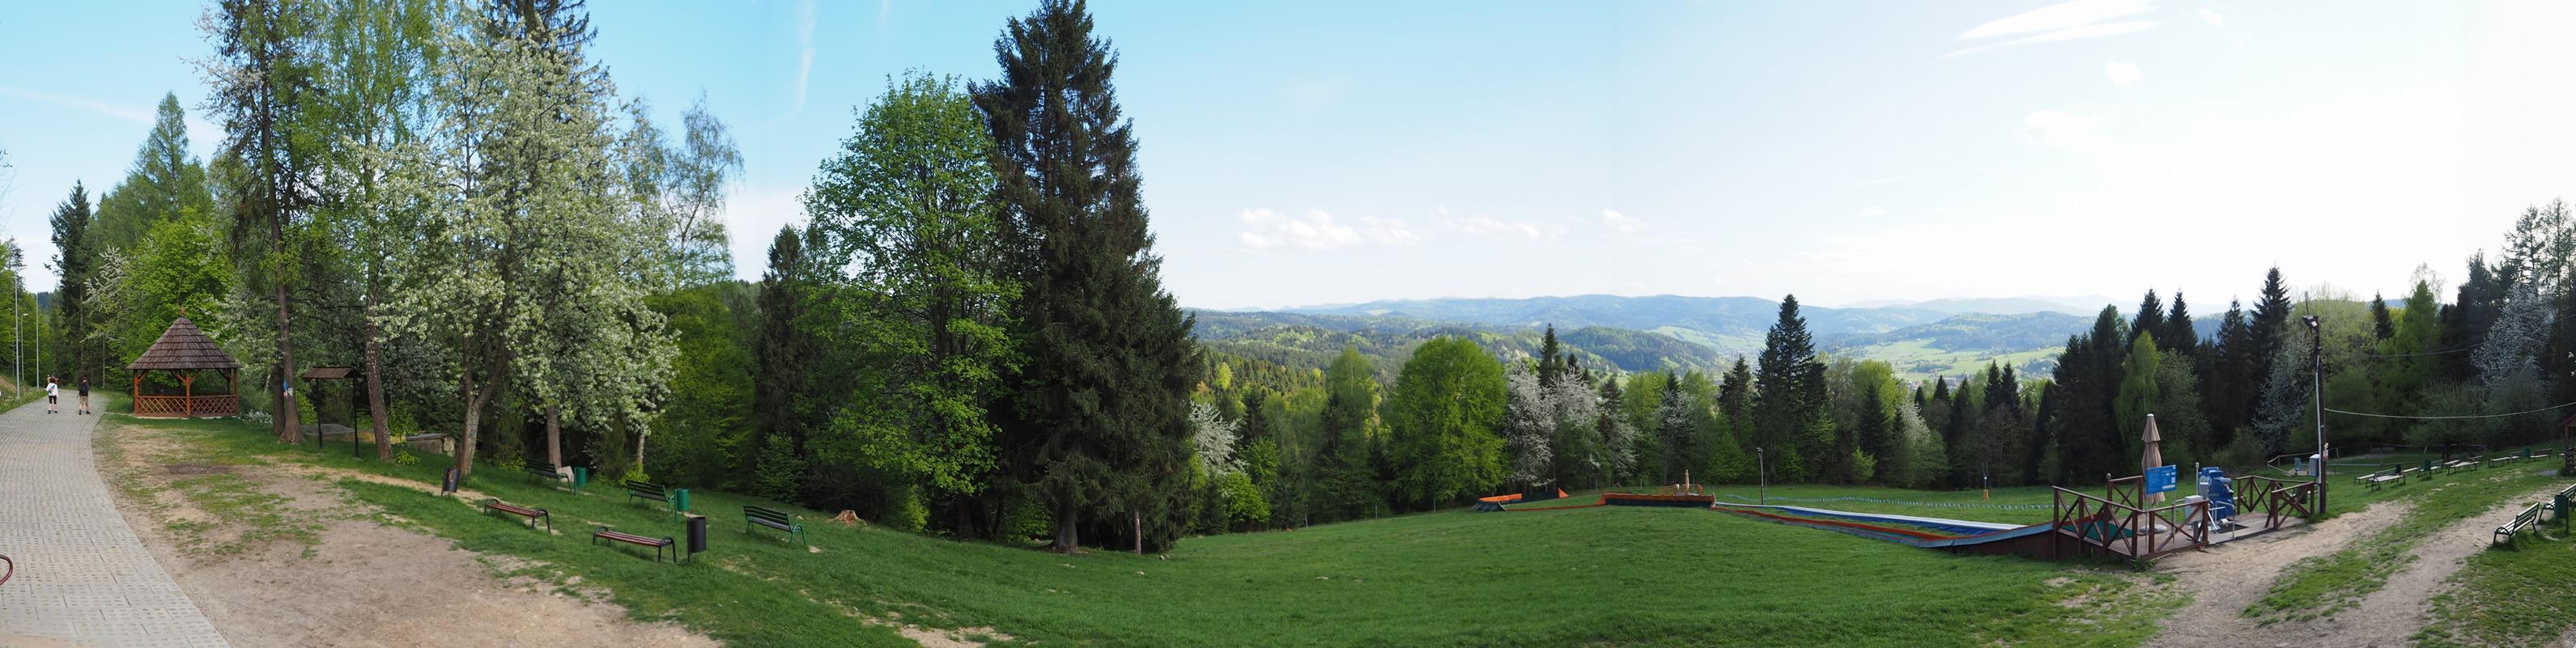 Panorama z polany pod szczytem Góry Parkowej